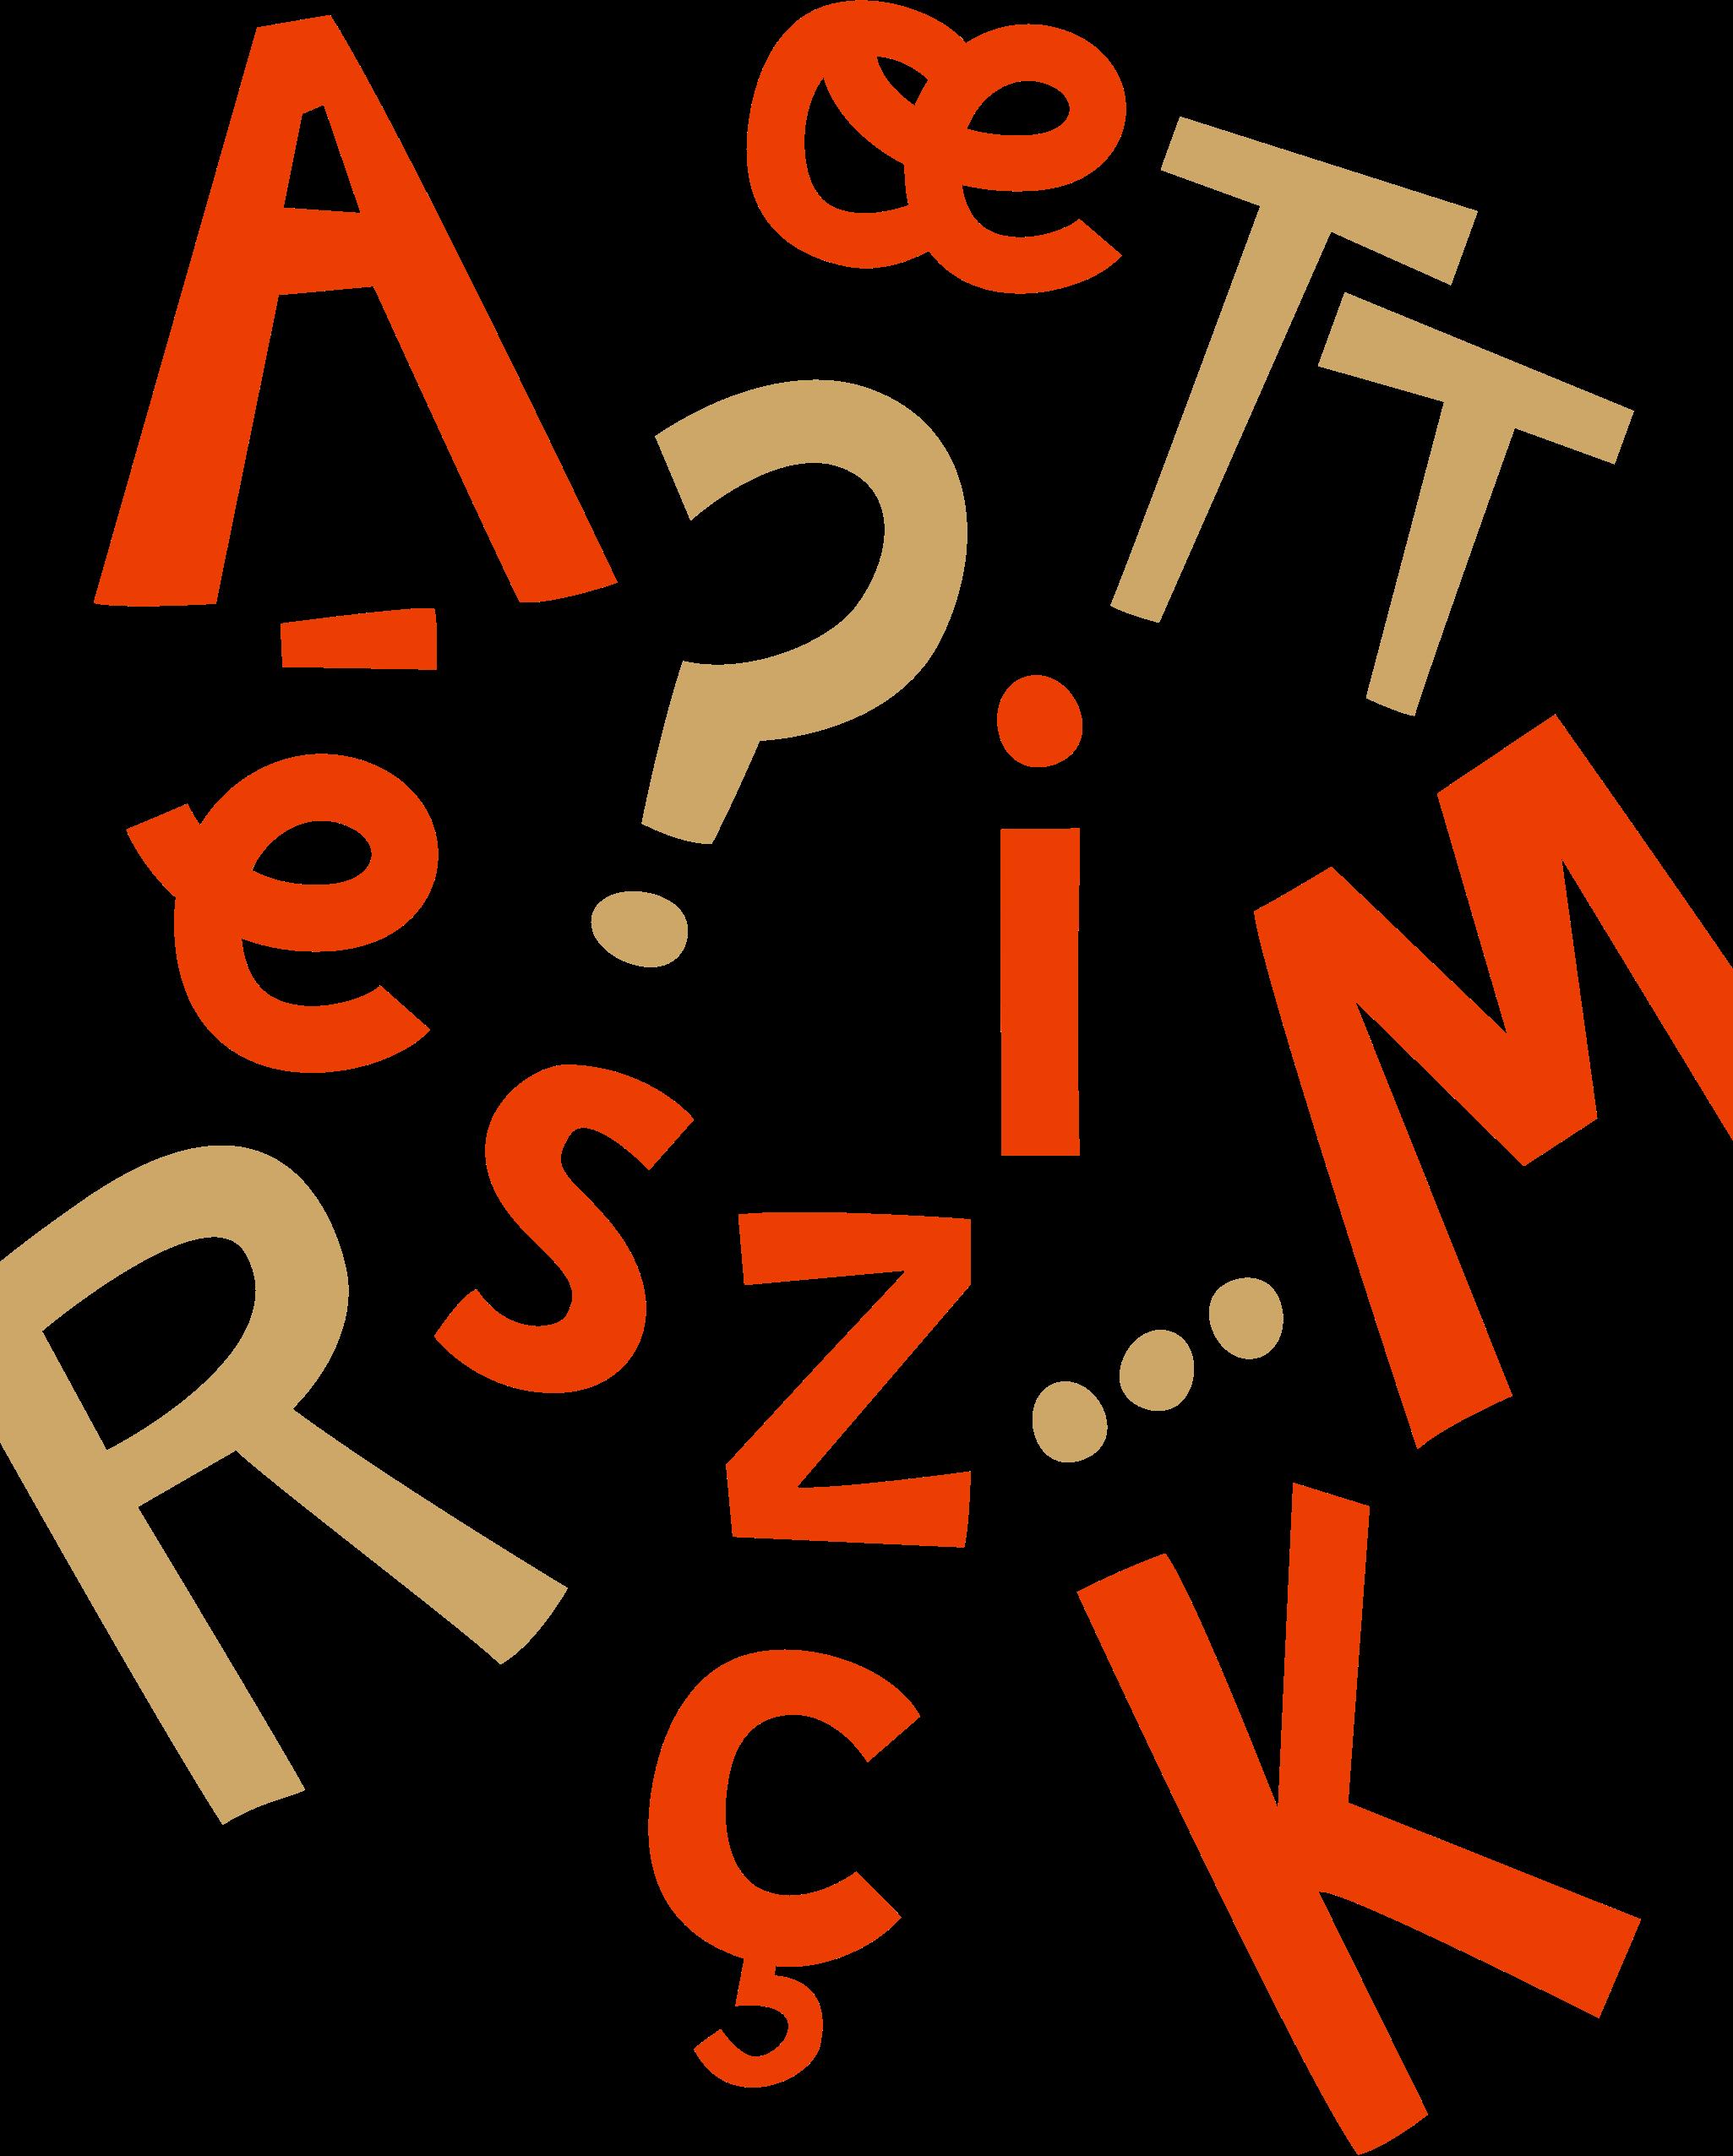 LIMPARFAITE-Typographie-Gratuite-Design-Antoine-Peltier-07